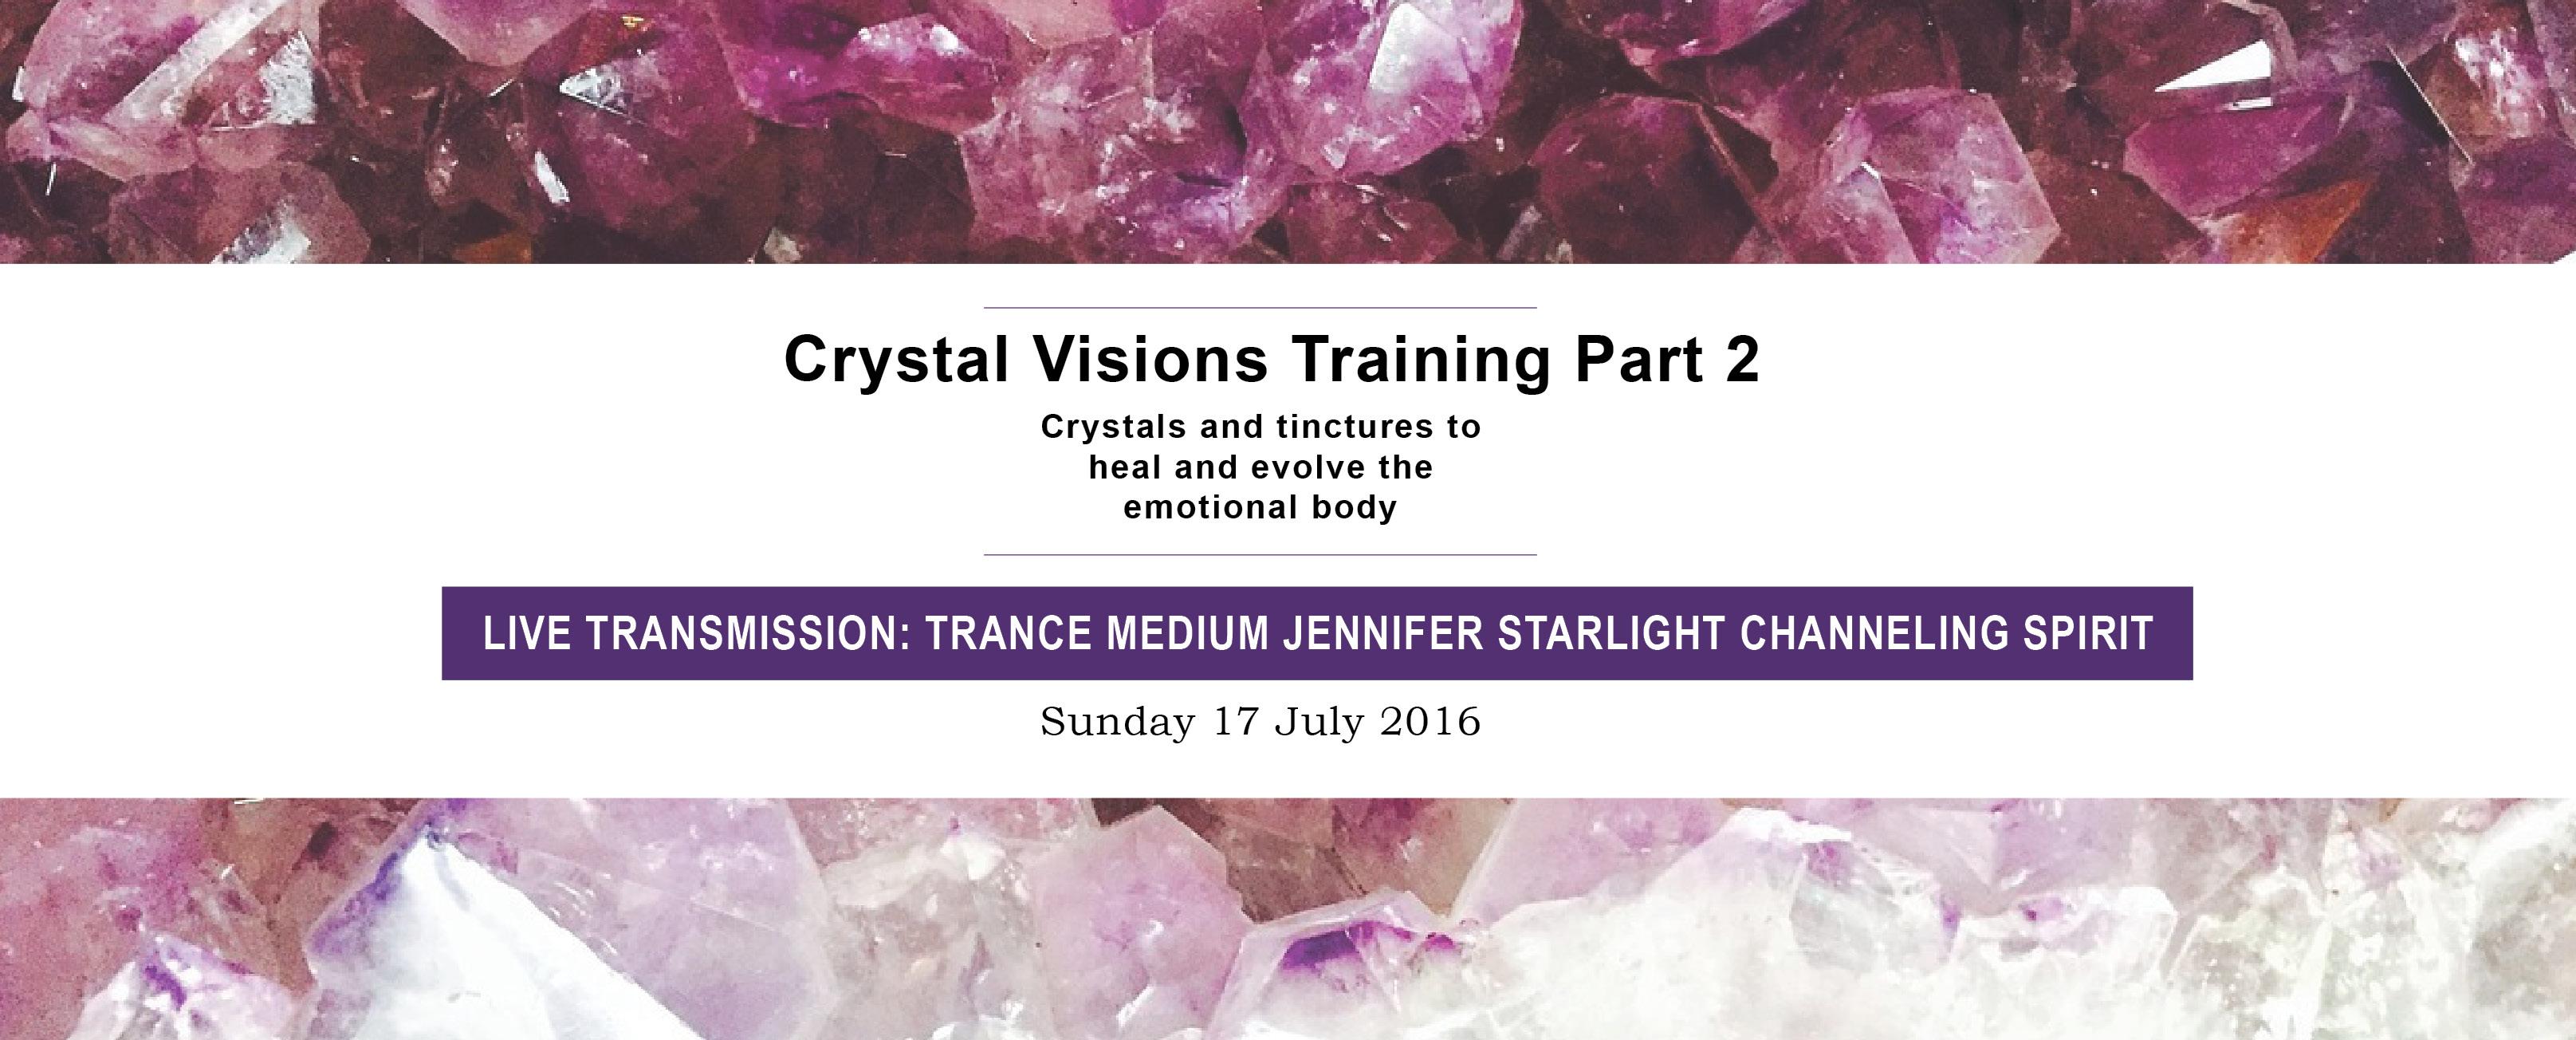 Crystal Visions Website Slider v2